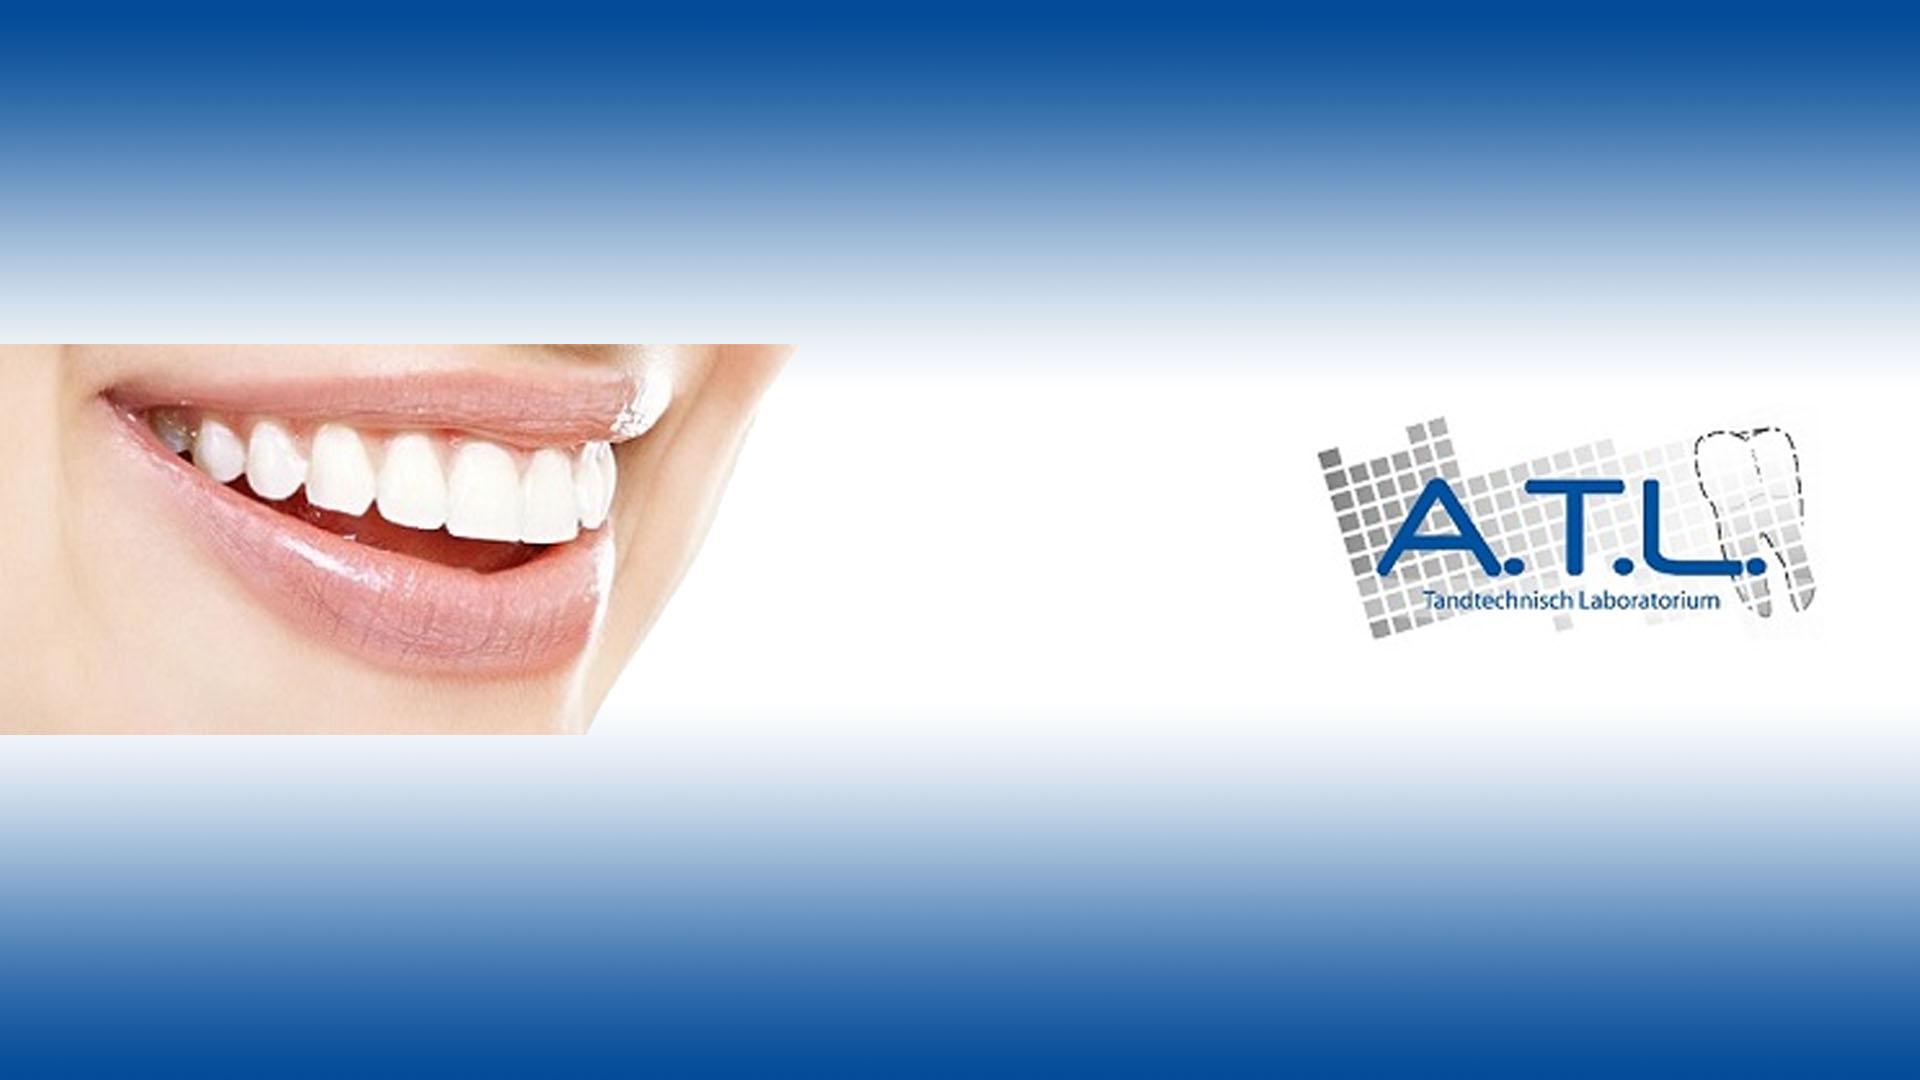 ATL Tandtechnisch Laboratorium